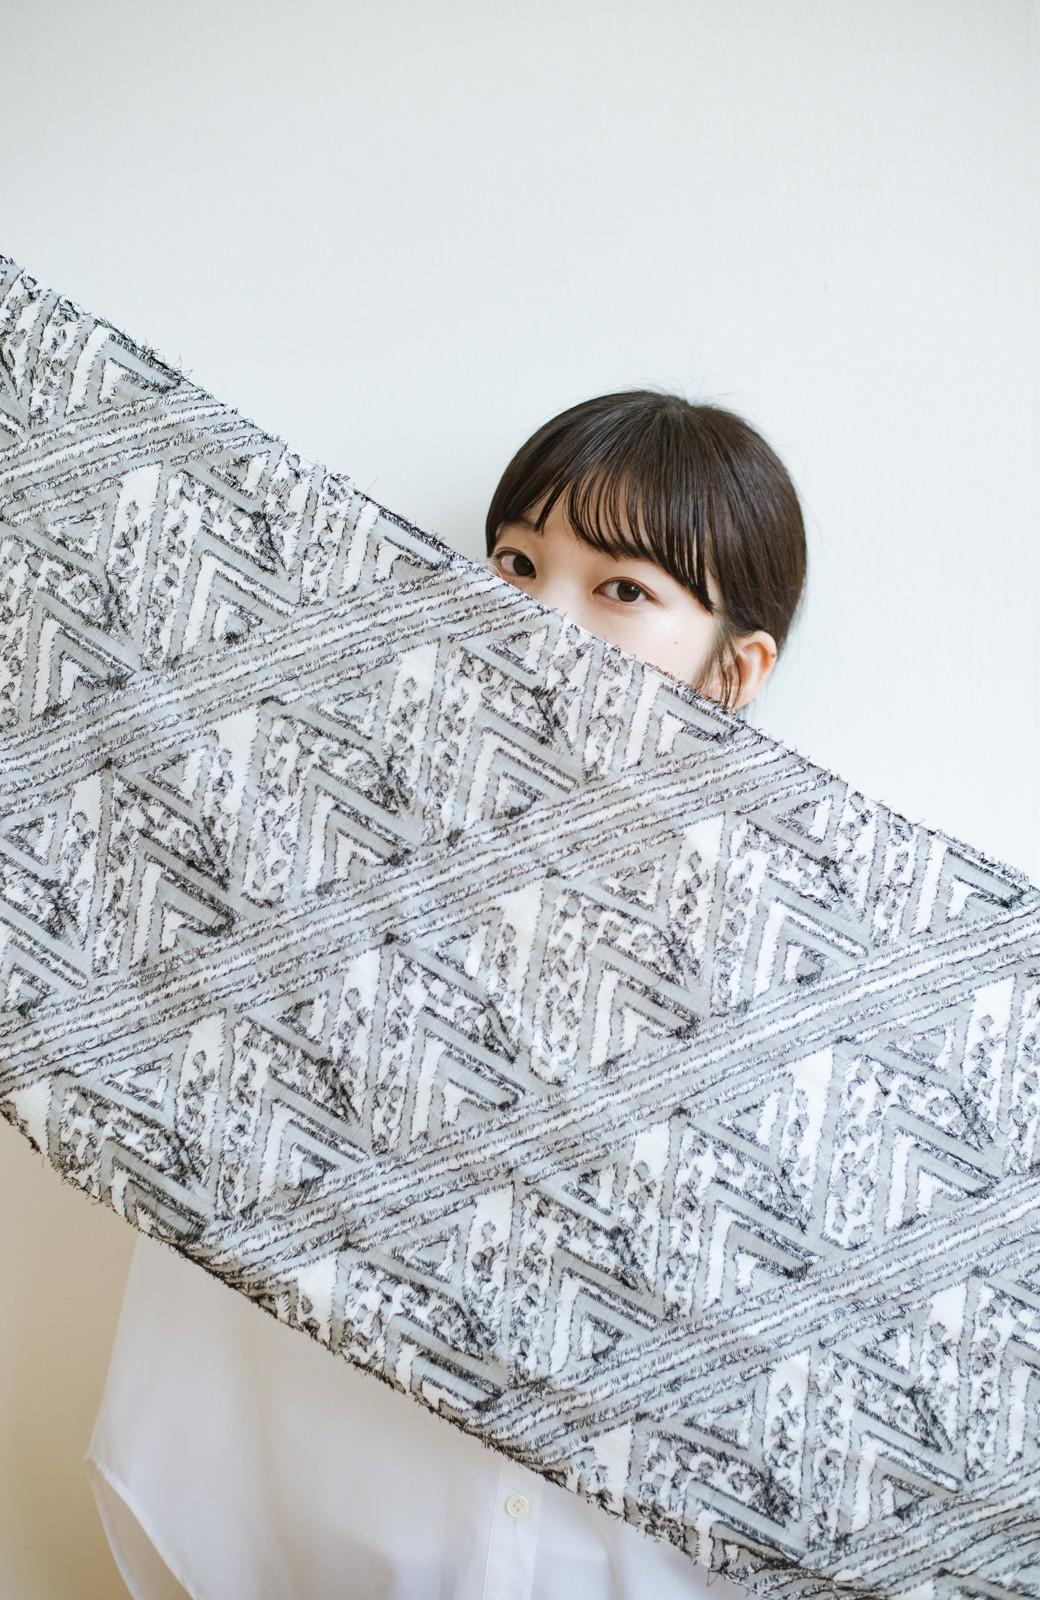 haco! Qualia 幾何学模様のカットジャガードストール <ブラック>の商品写真10